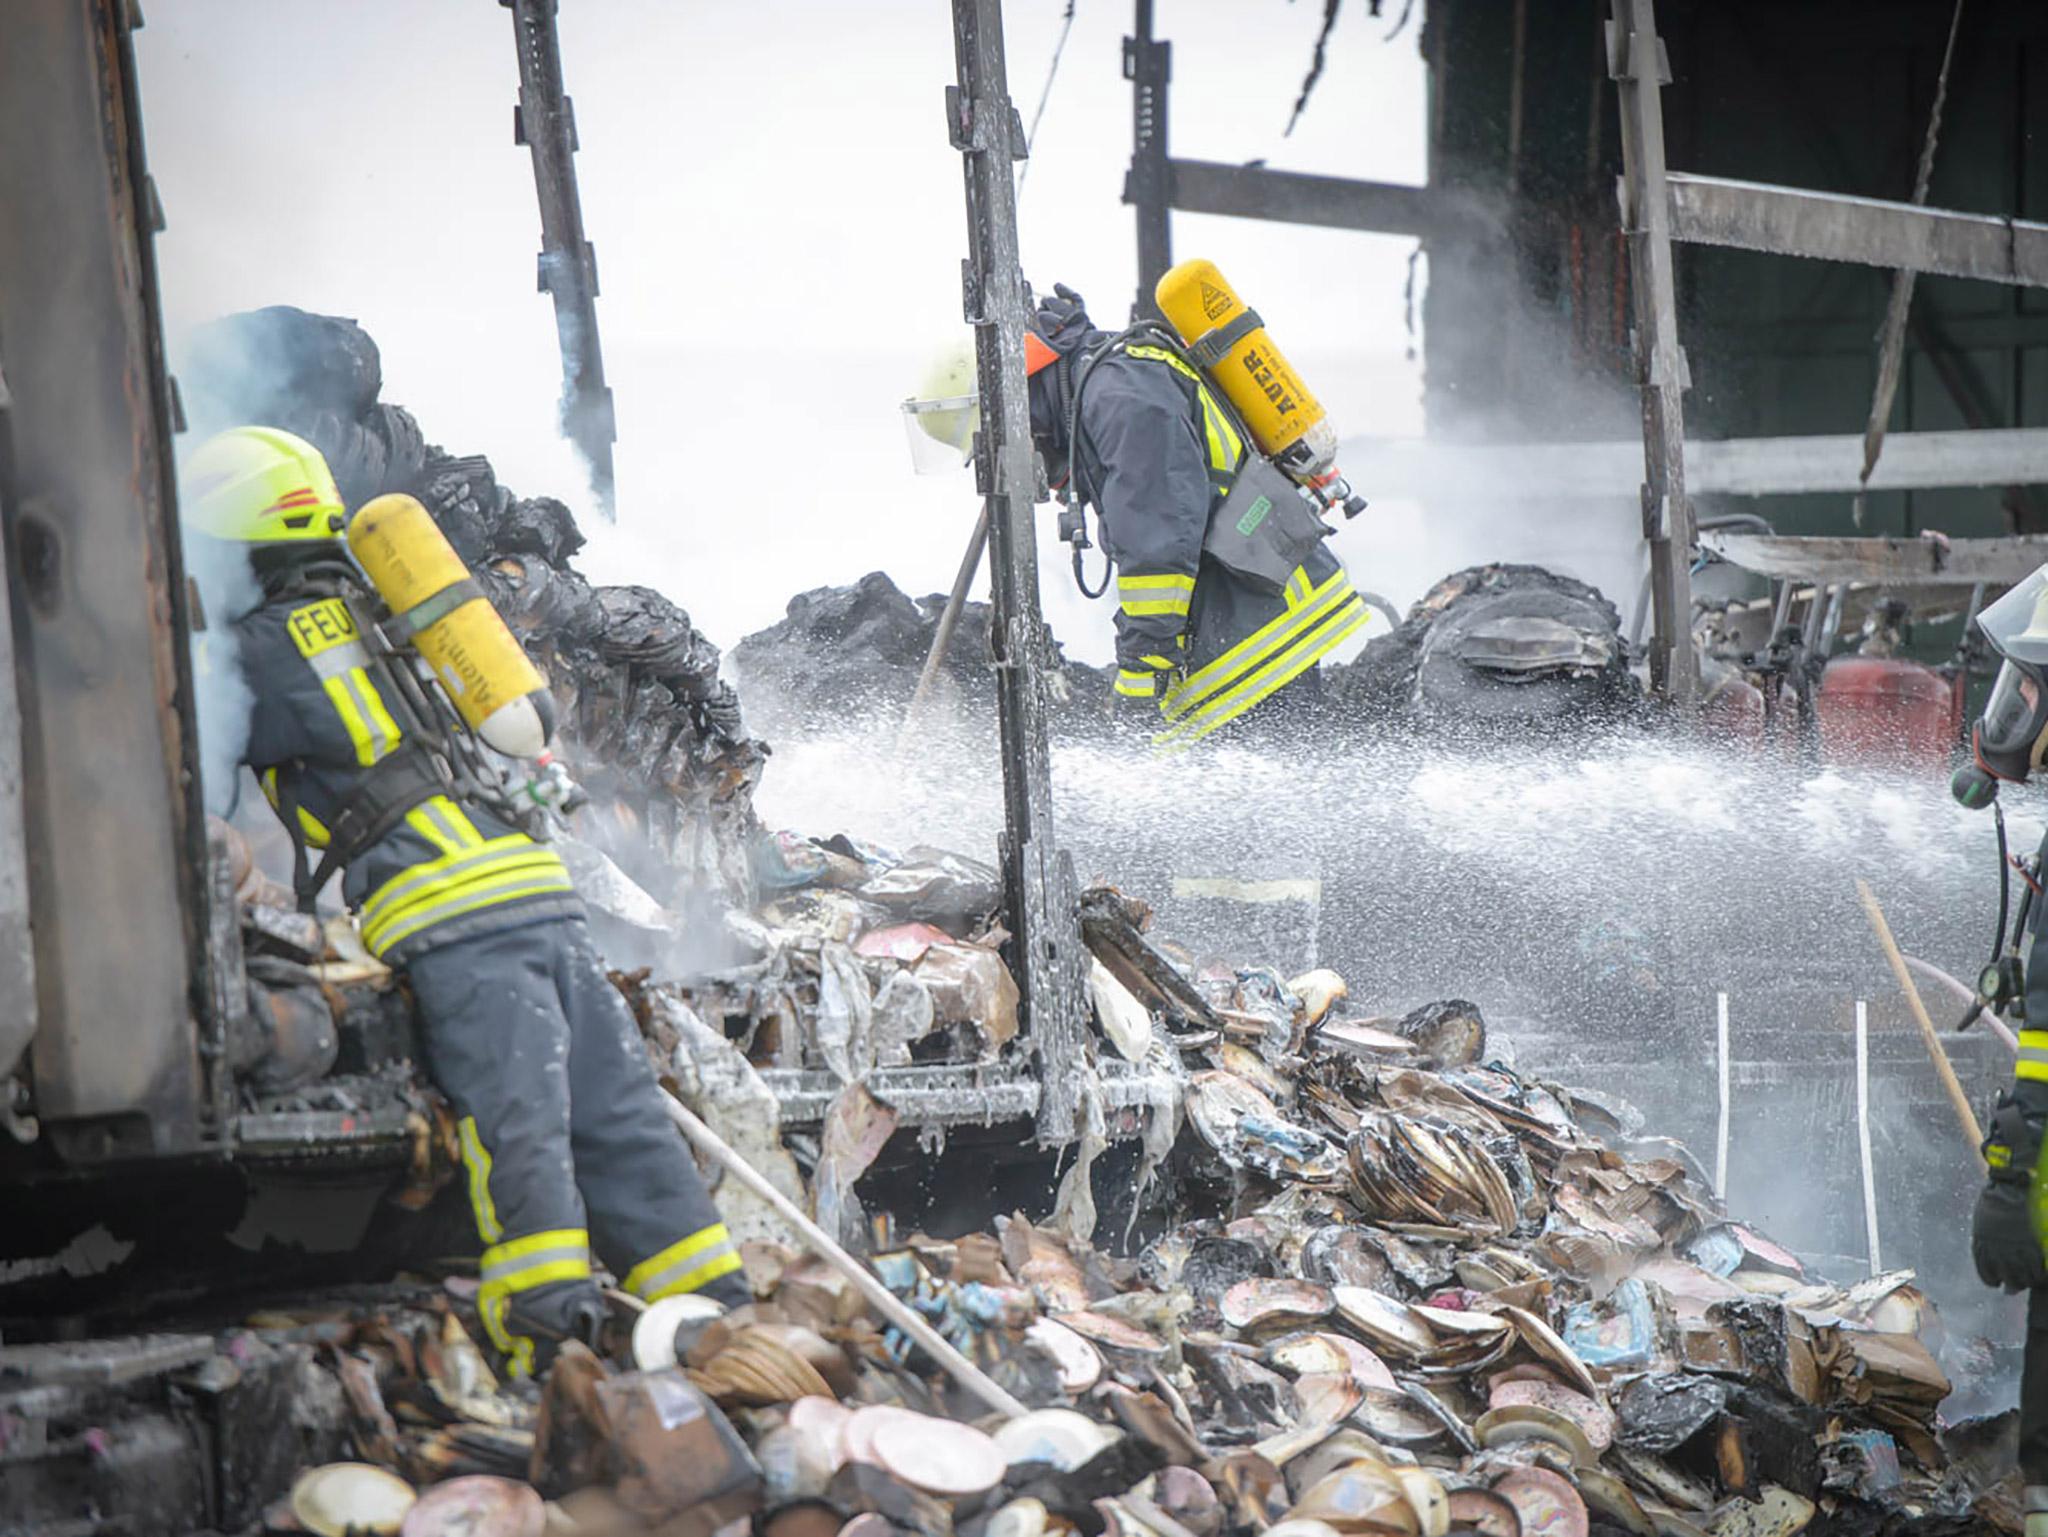 Zahlreiche Kräfte der örtlichen Feuerwehren sorgten deshalb neben den Löscharbeiten auch für die Kühlung der Ladung. Foto: Feuerwehr Marktheidenfeld